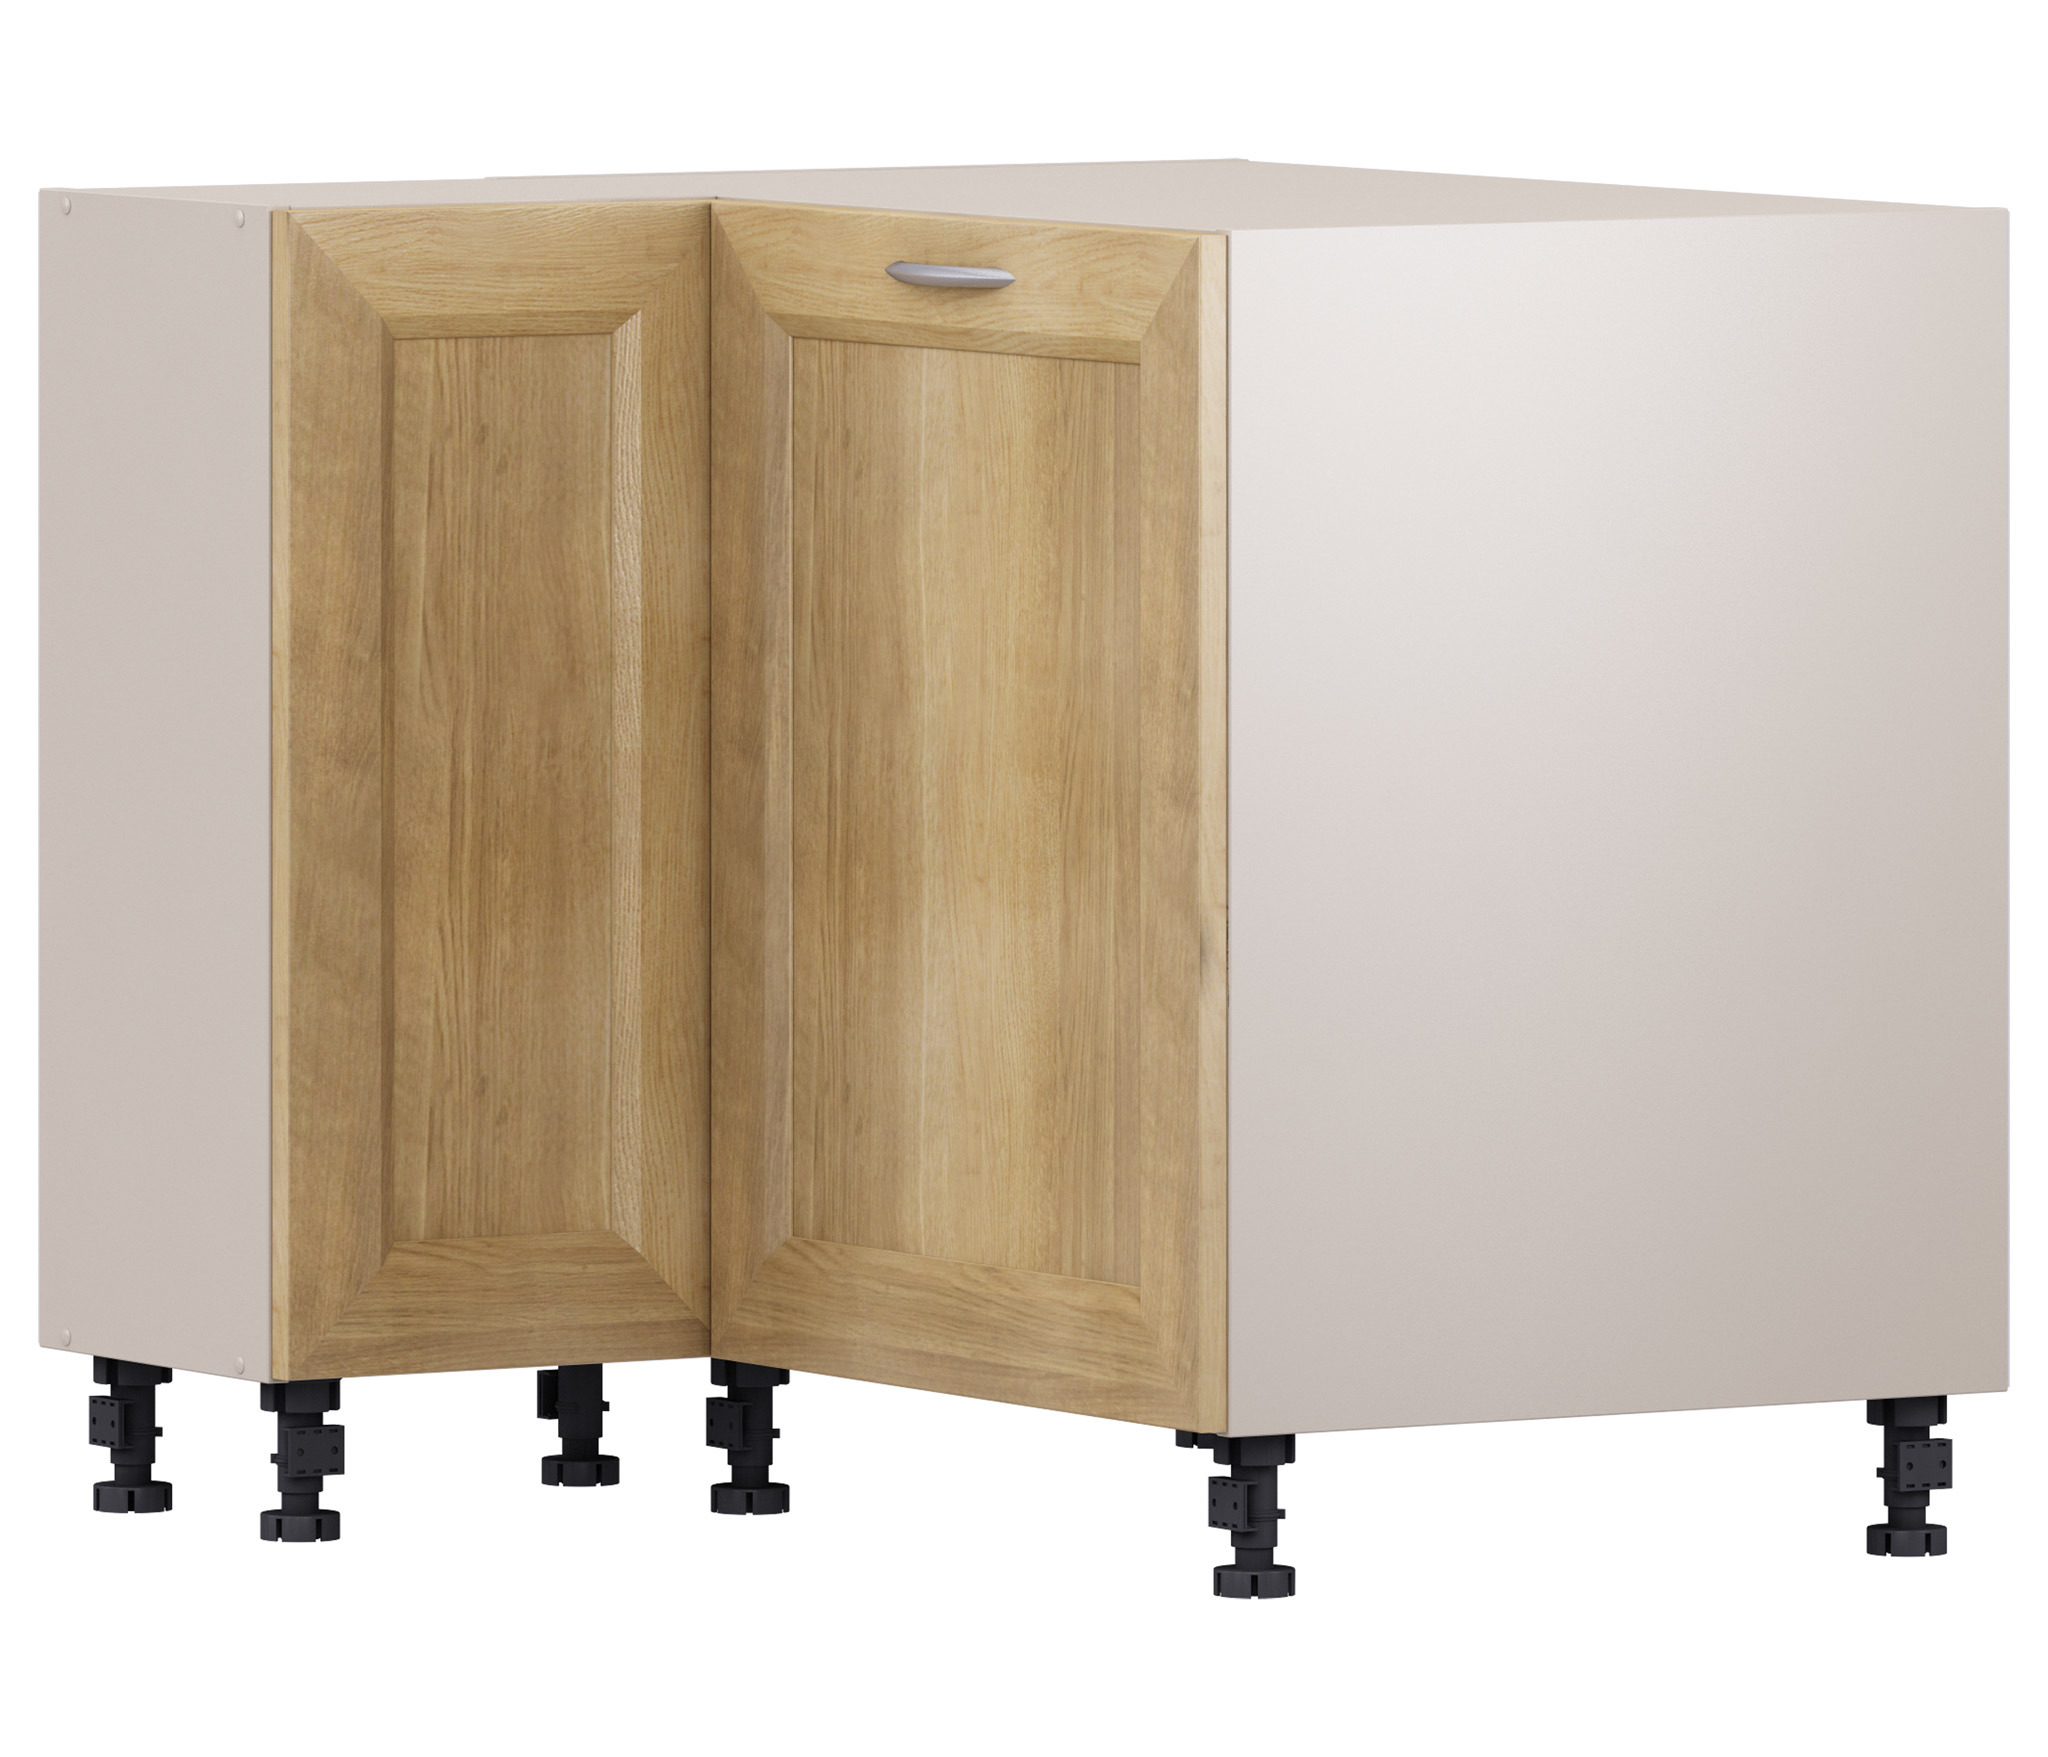 Регина РСУ-90 стол угловойГарнитуры<br>Угловой стол имеет две достаточно вместительные секции. Дополнительно рекомендуем приобрести столешницу.<br><br>Длина мм: 880<br>Высота мм: 820<br>Глубина мм: 883